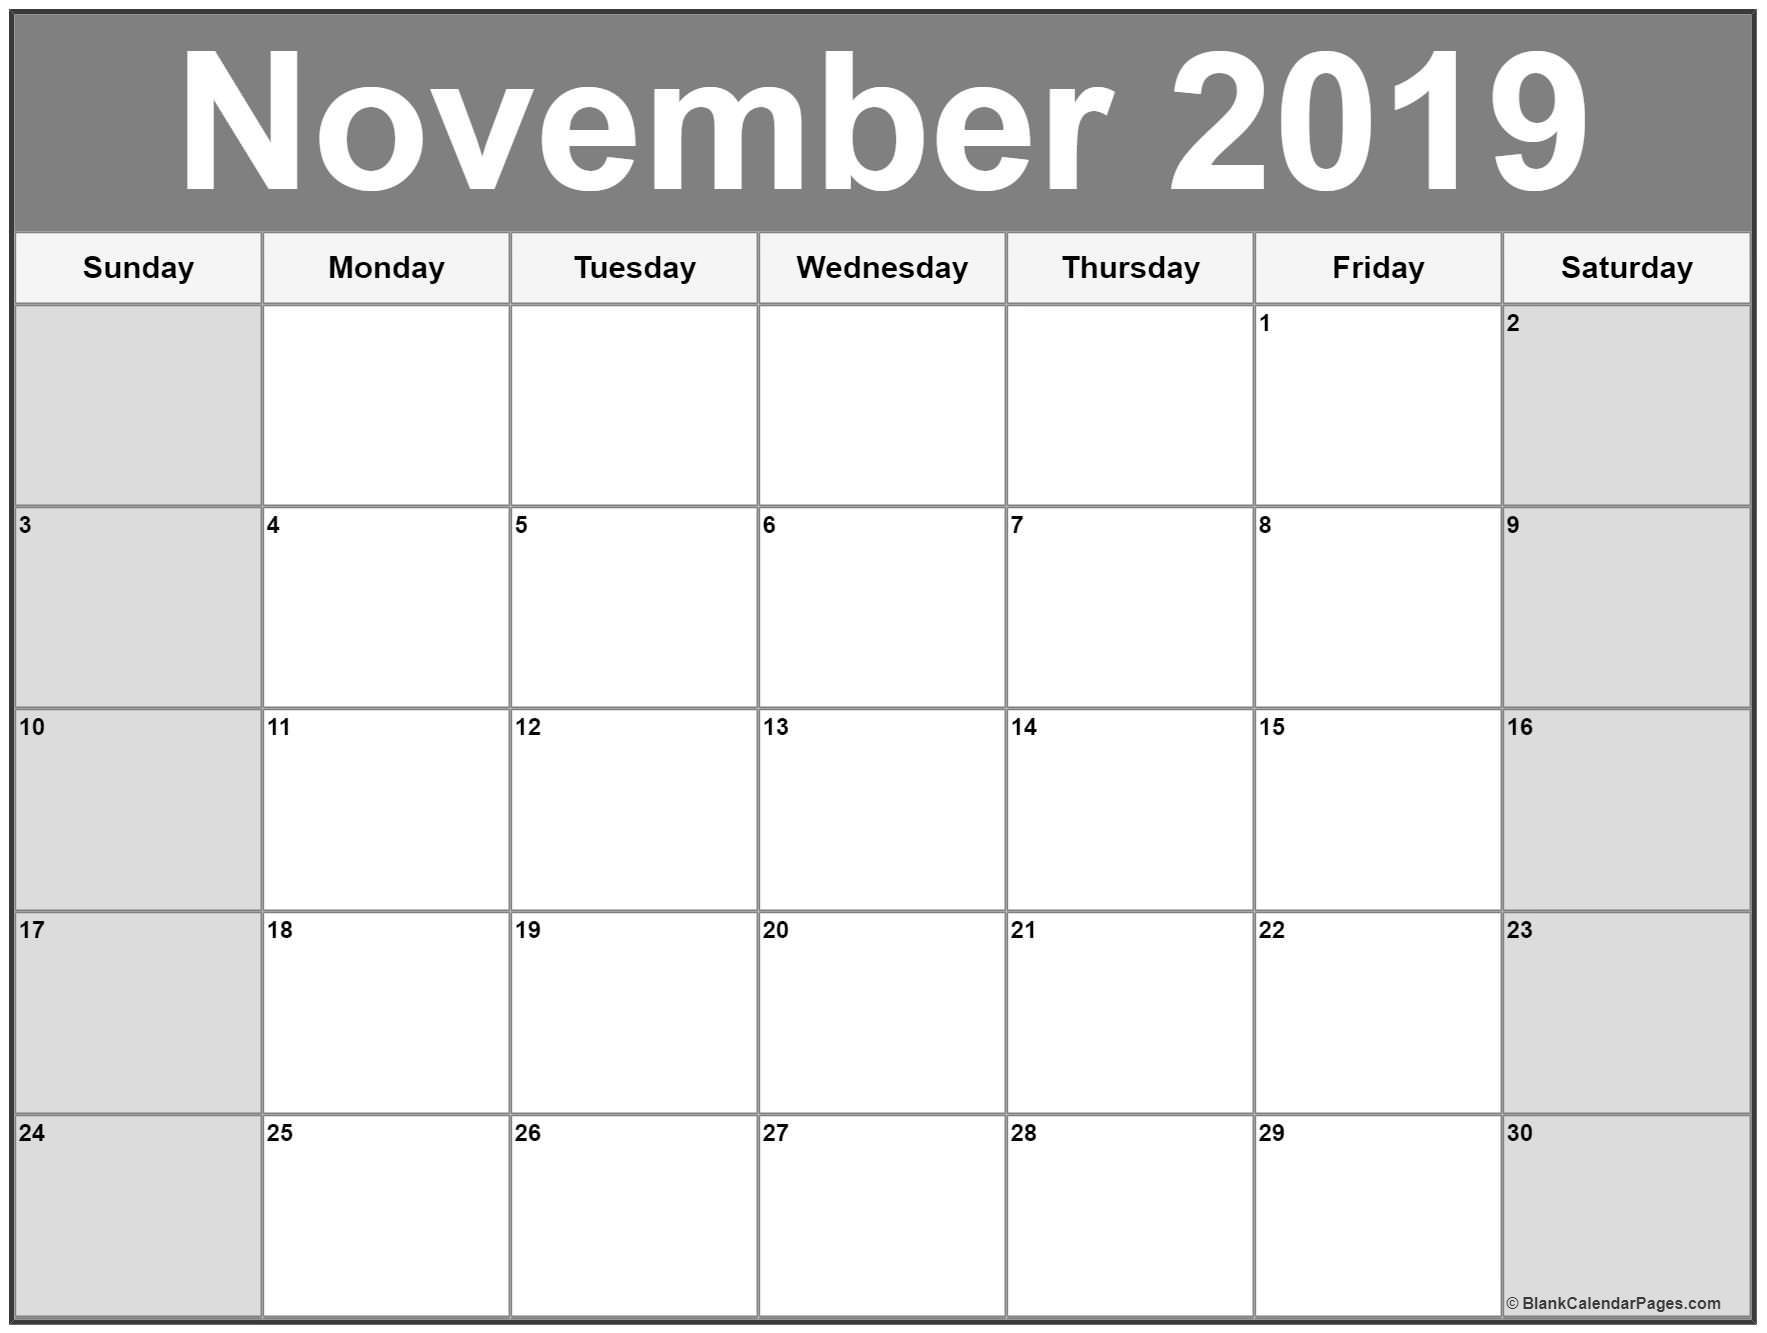 November Calendar 2019 Printable November 2019 Calendar